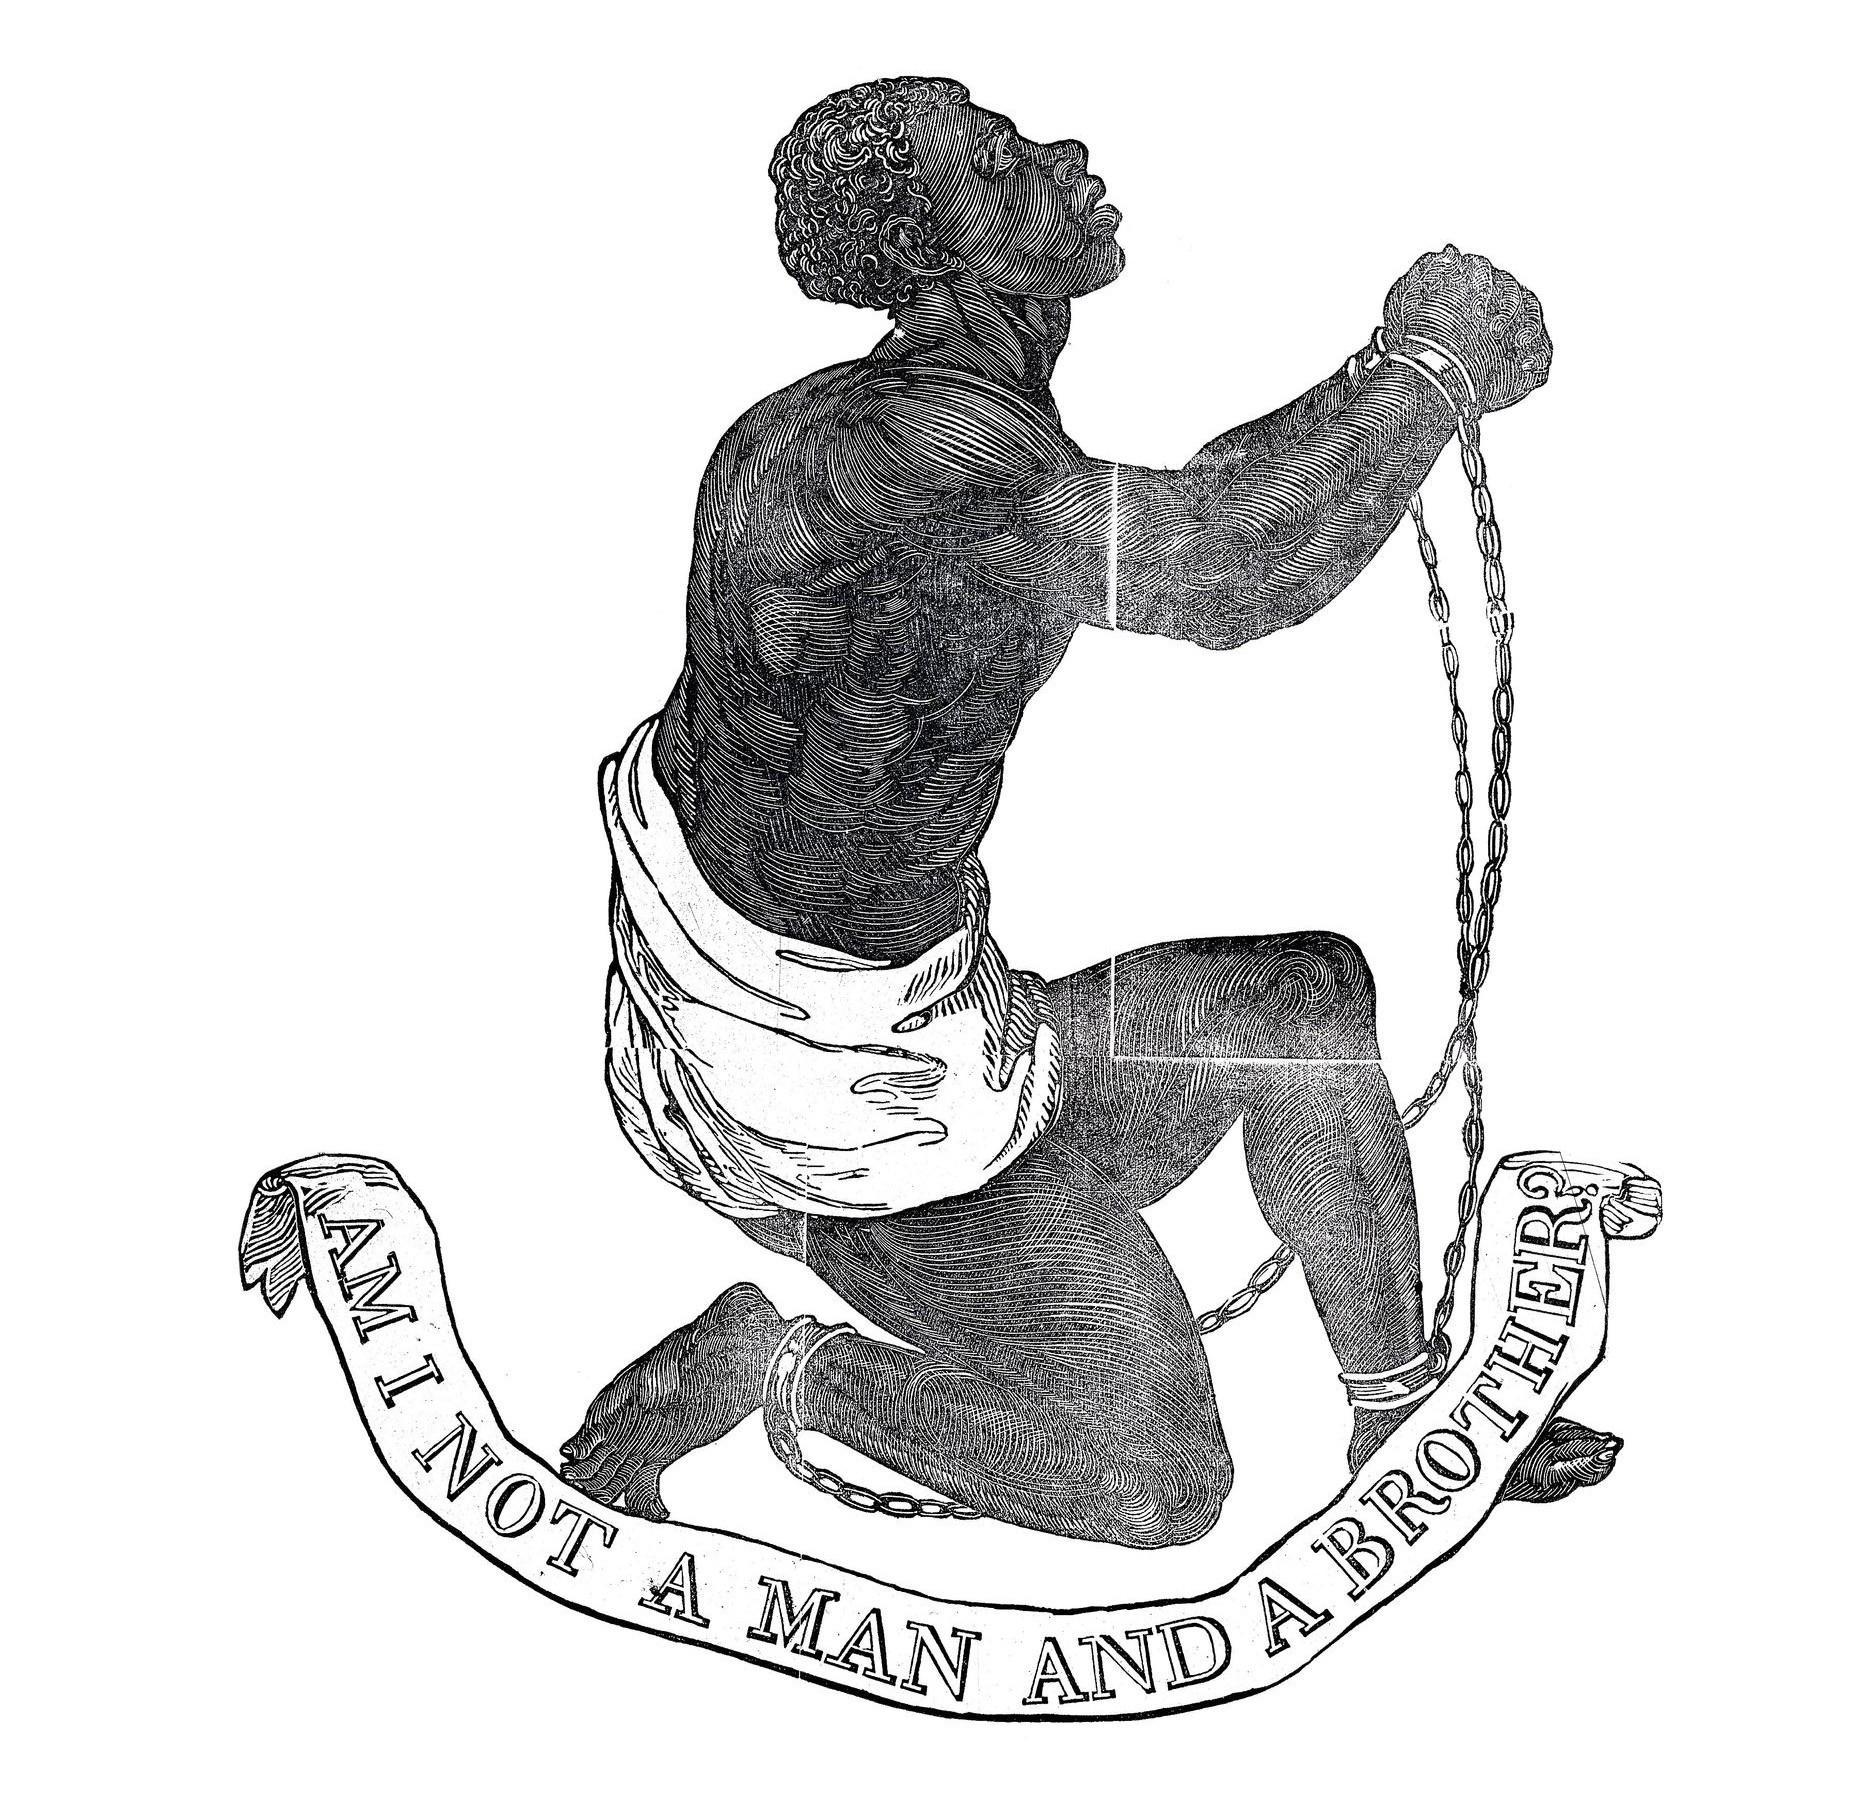 Emblème de la Société pour l'abolition de la traite négrière, 1787